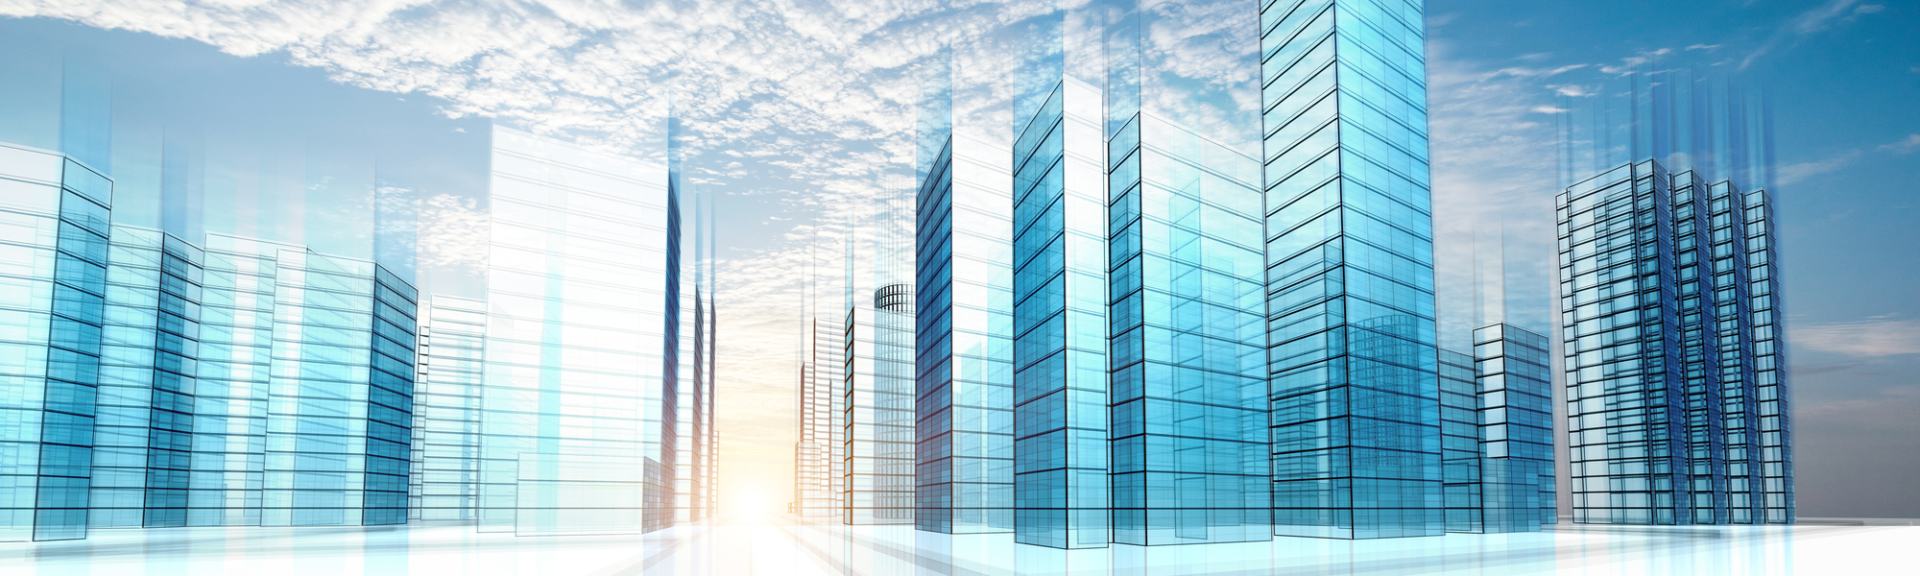 Illustration einer Front von Bürogebäude. Drahtmodell als Darstellung für Digitale Immobilienbranche oder RealEstate 4.0